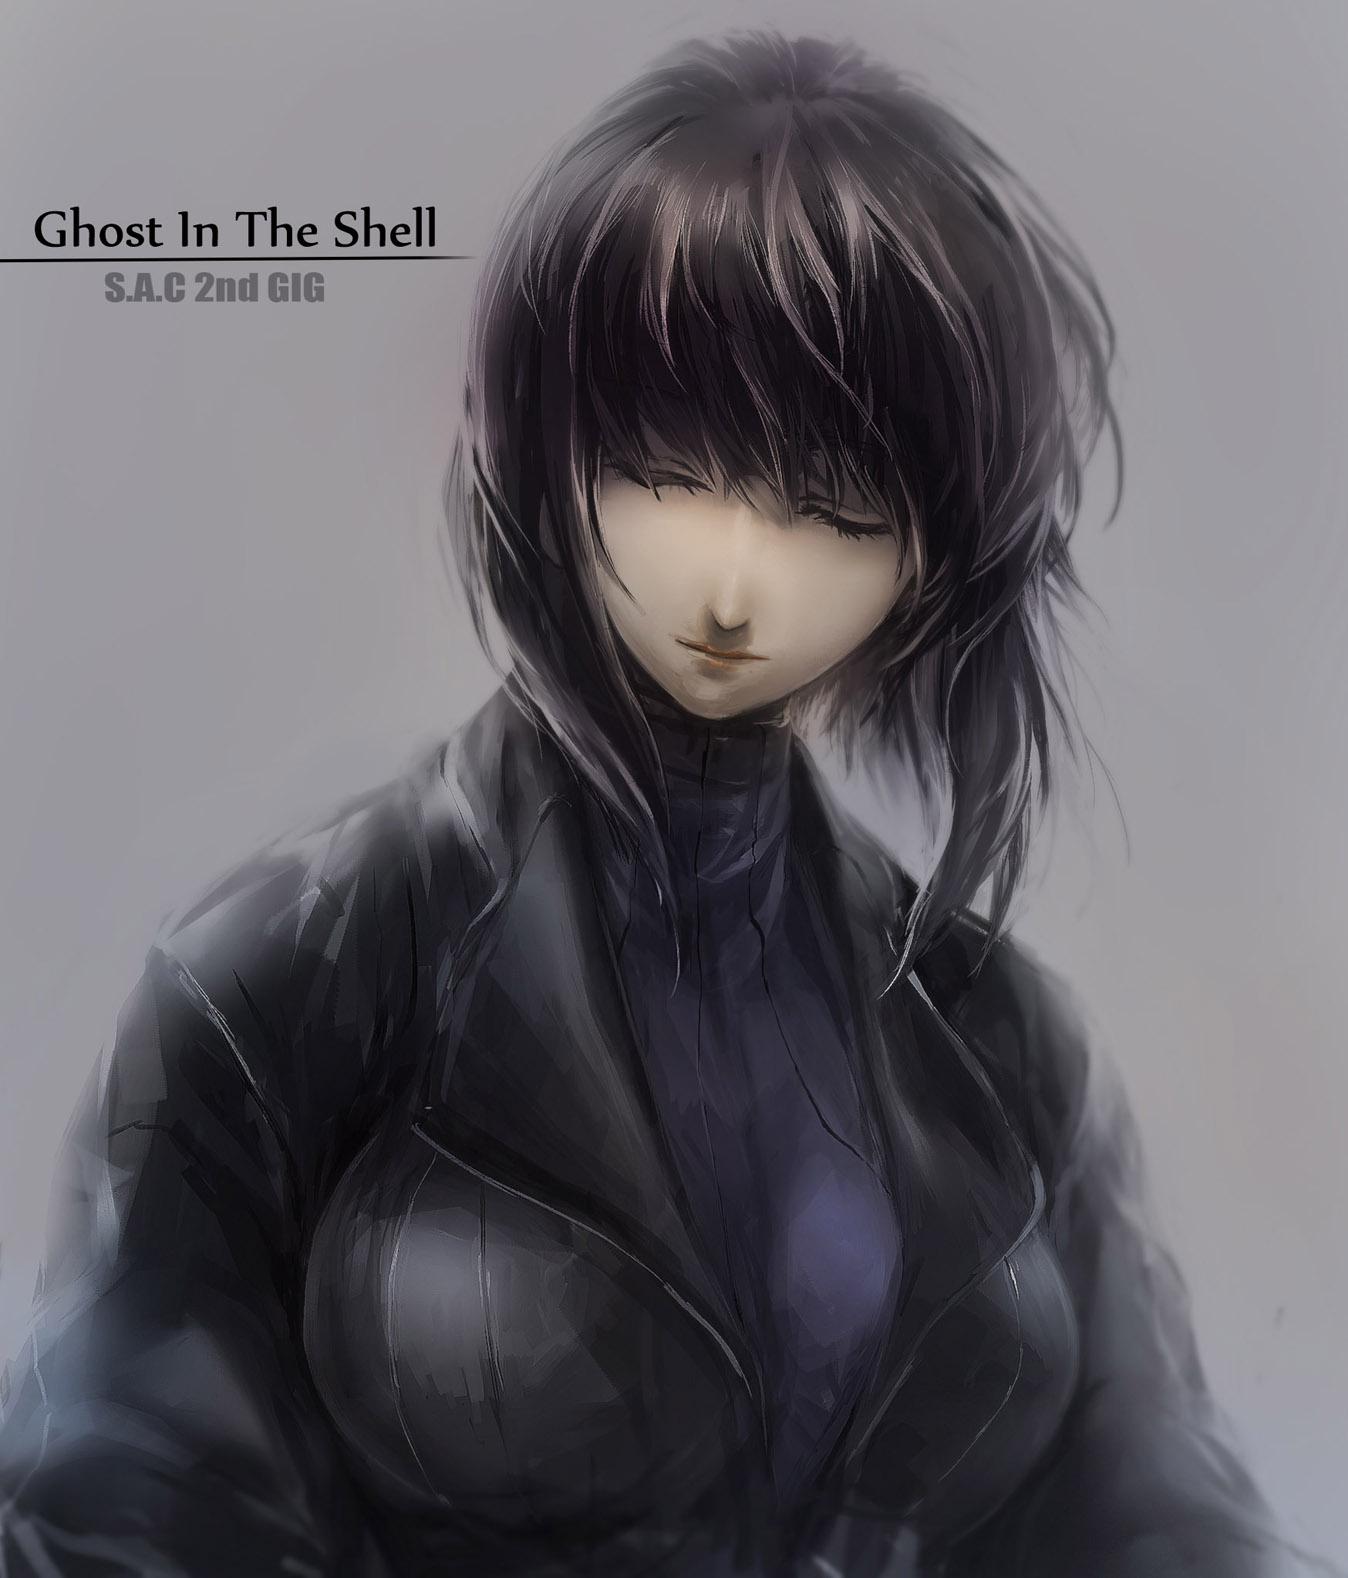 Kusanagi Motoko Koukaku Kidoutai Ghost In The Shell Zerochan Anime Image Board